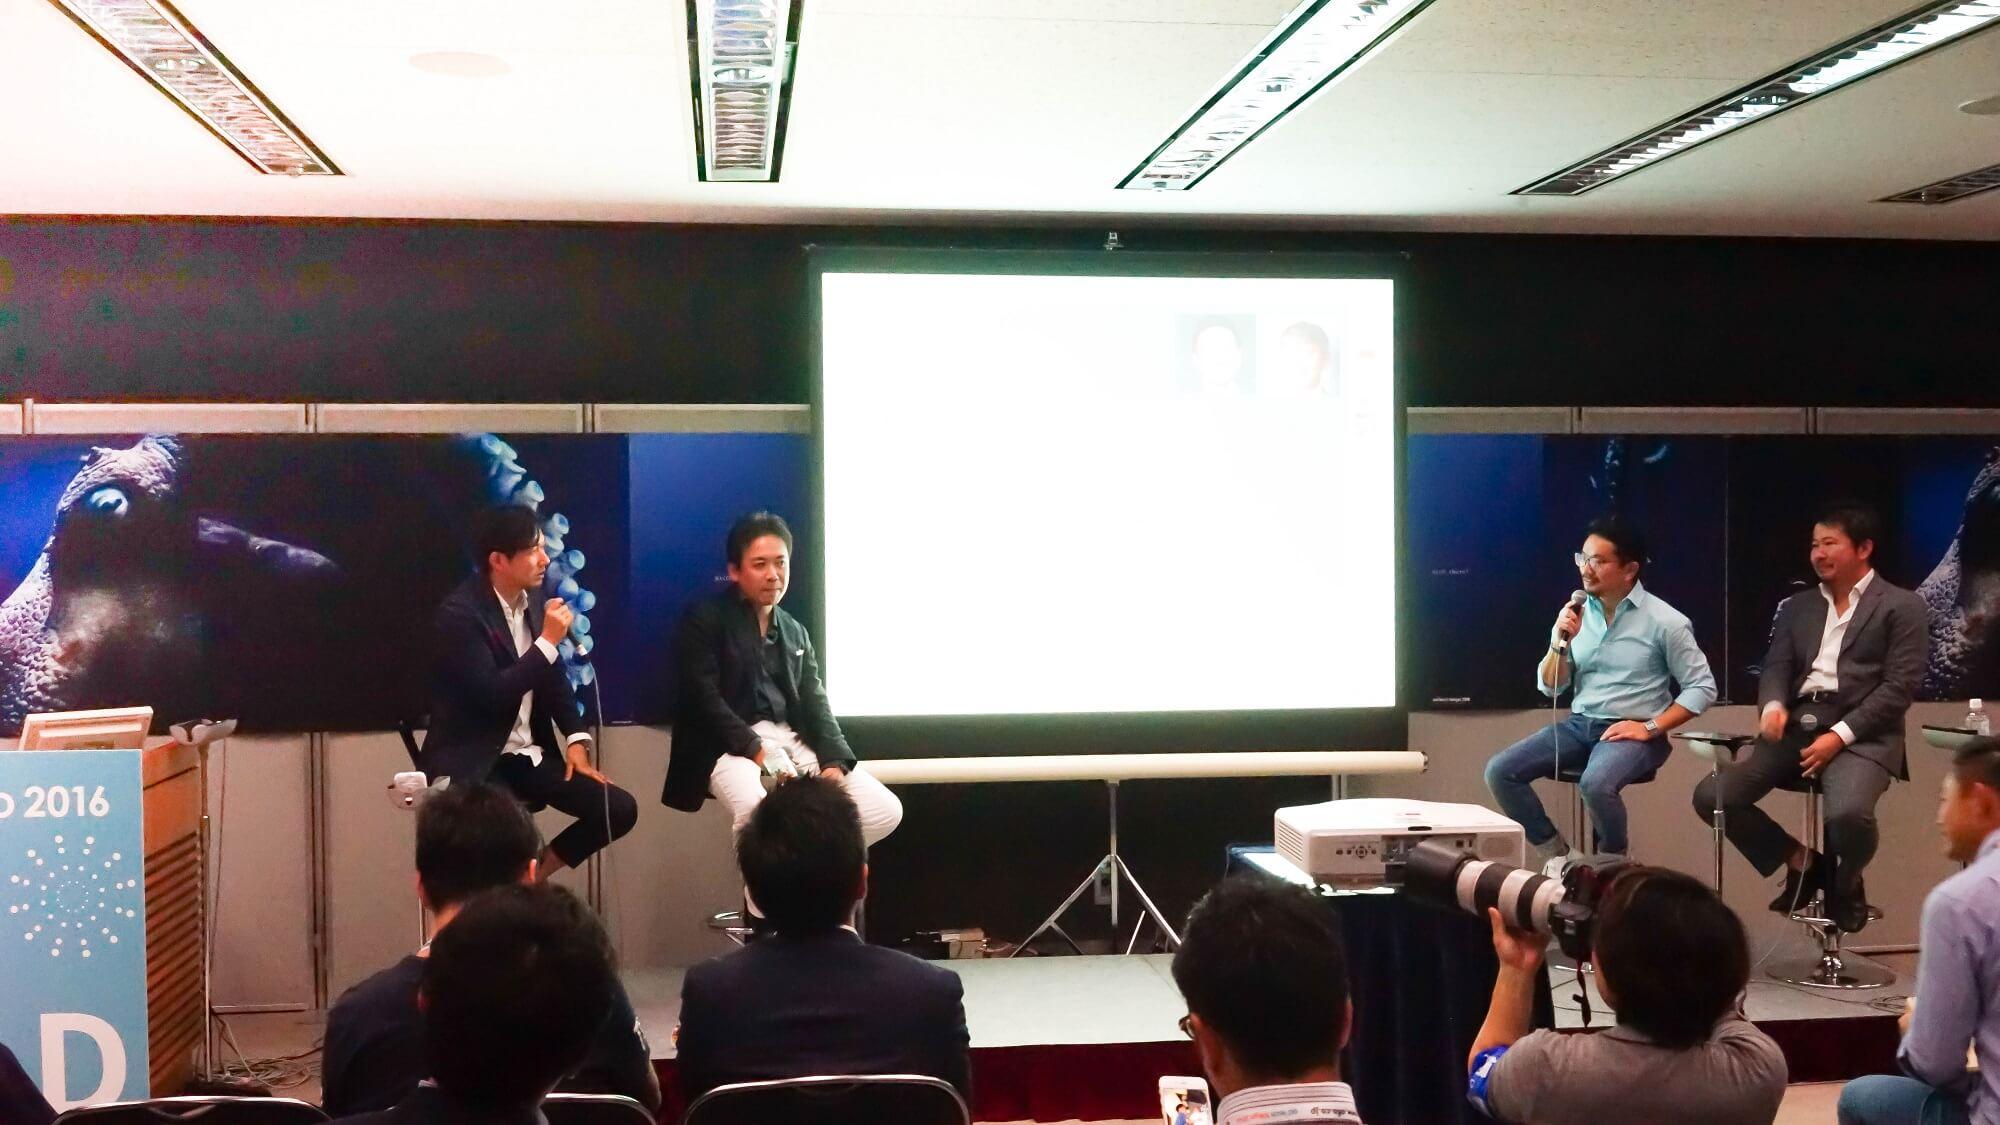 アドテック東京2016登壇まとめ!大企業とスタートアップ